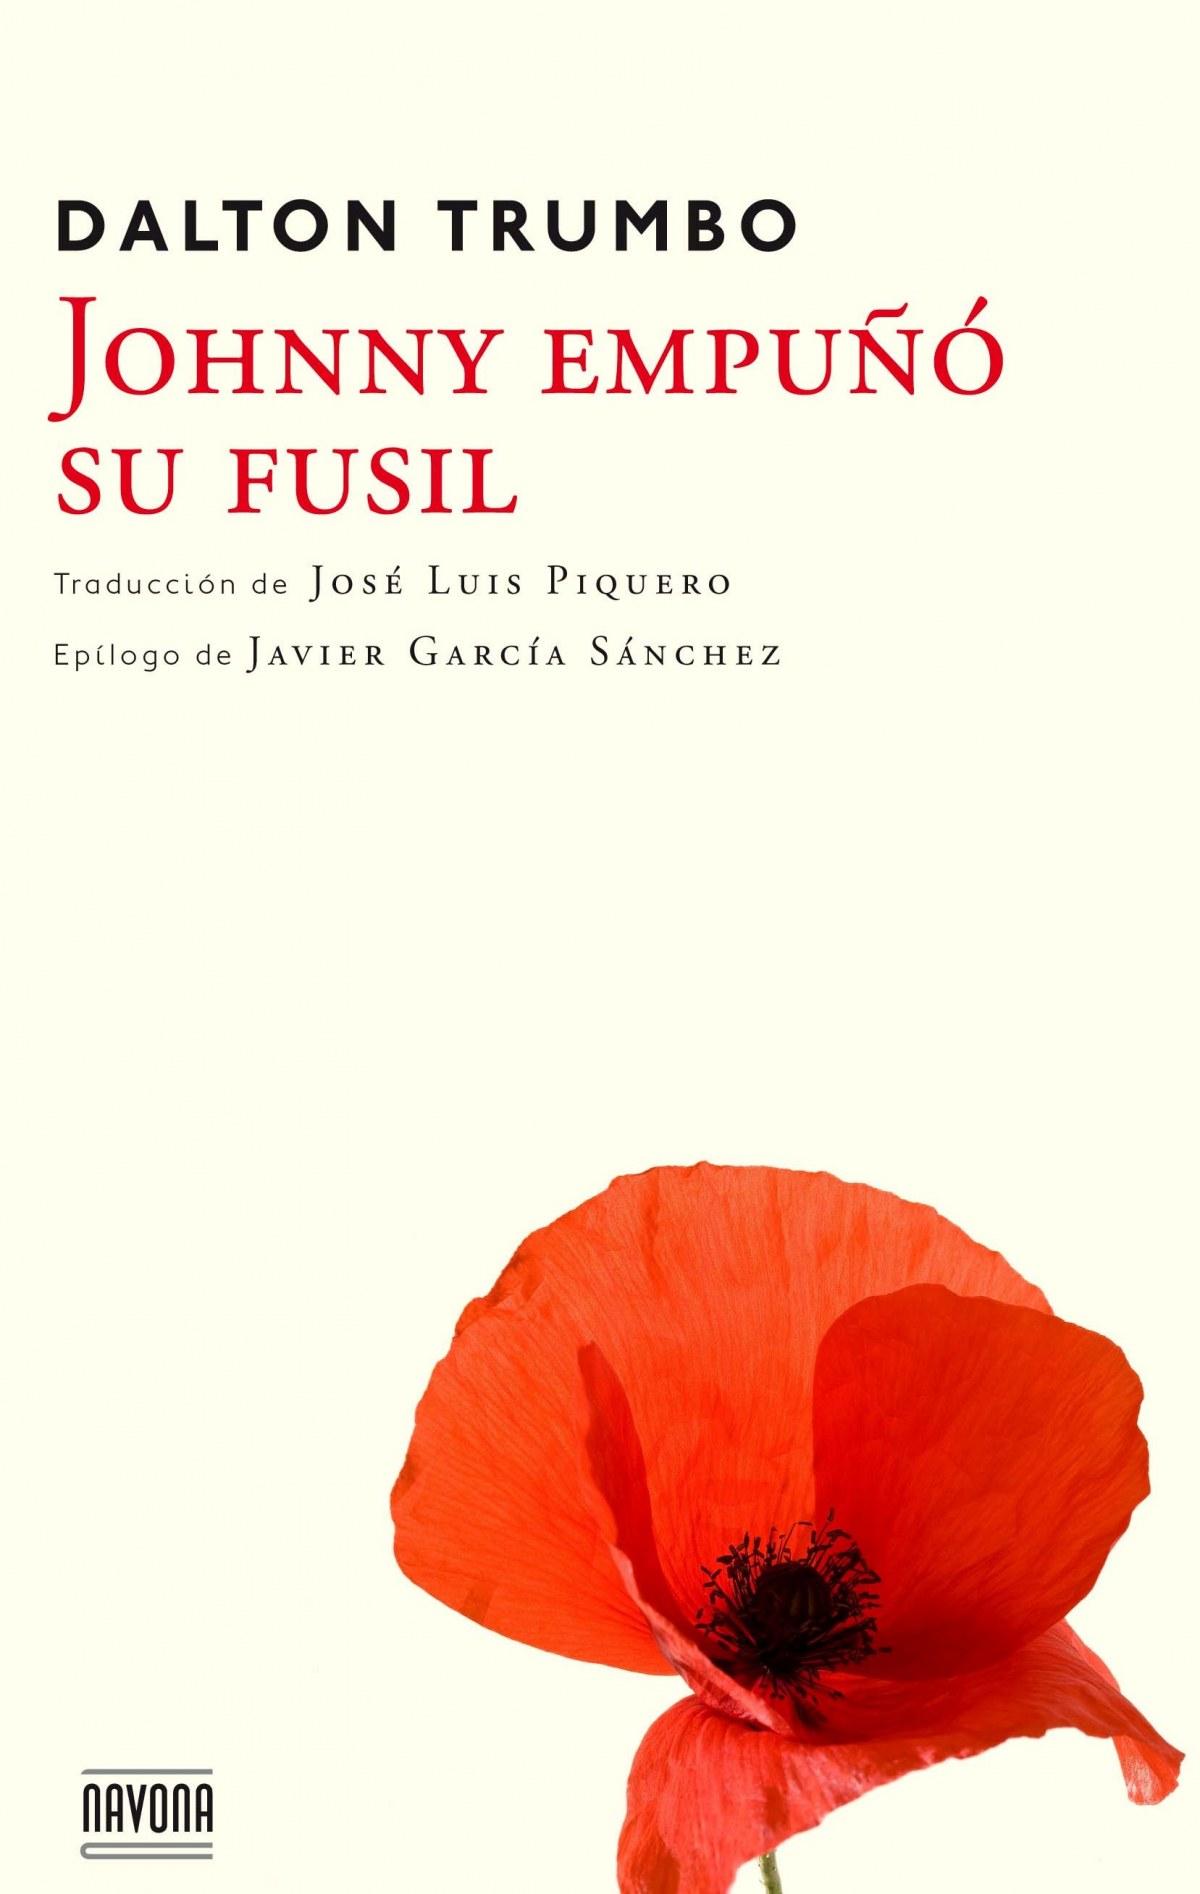 JOHNNY EMPUñO SU FUSIL 9788416259045